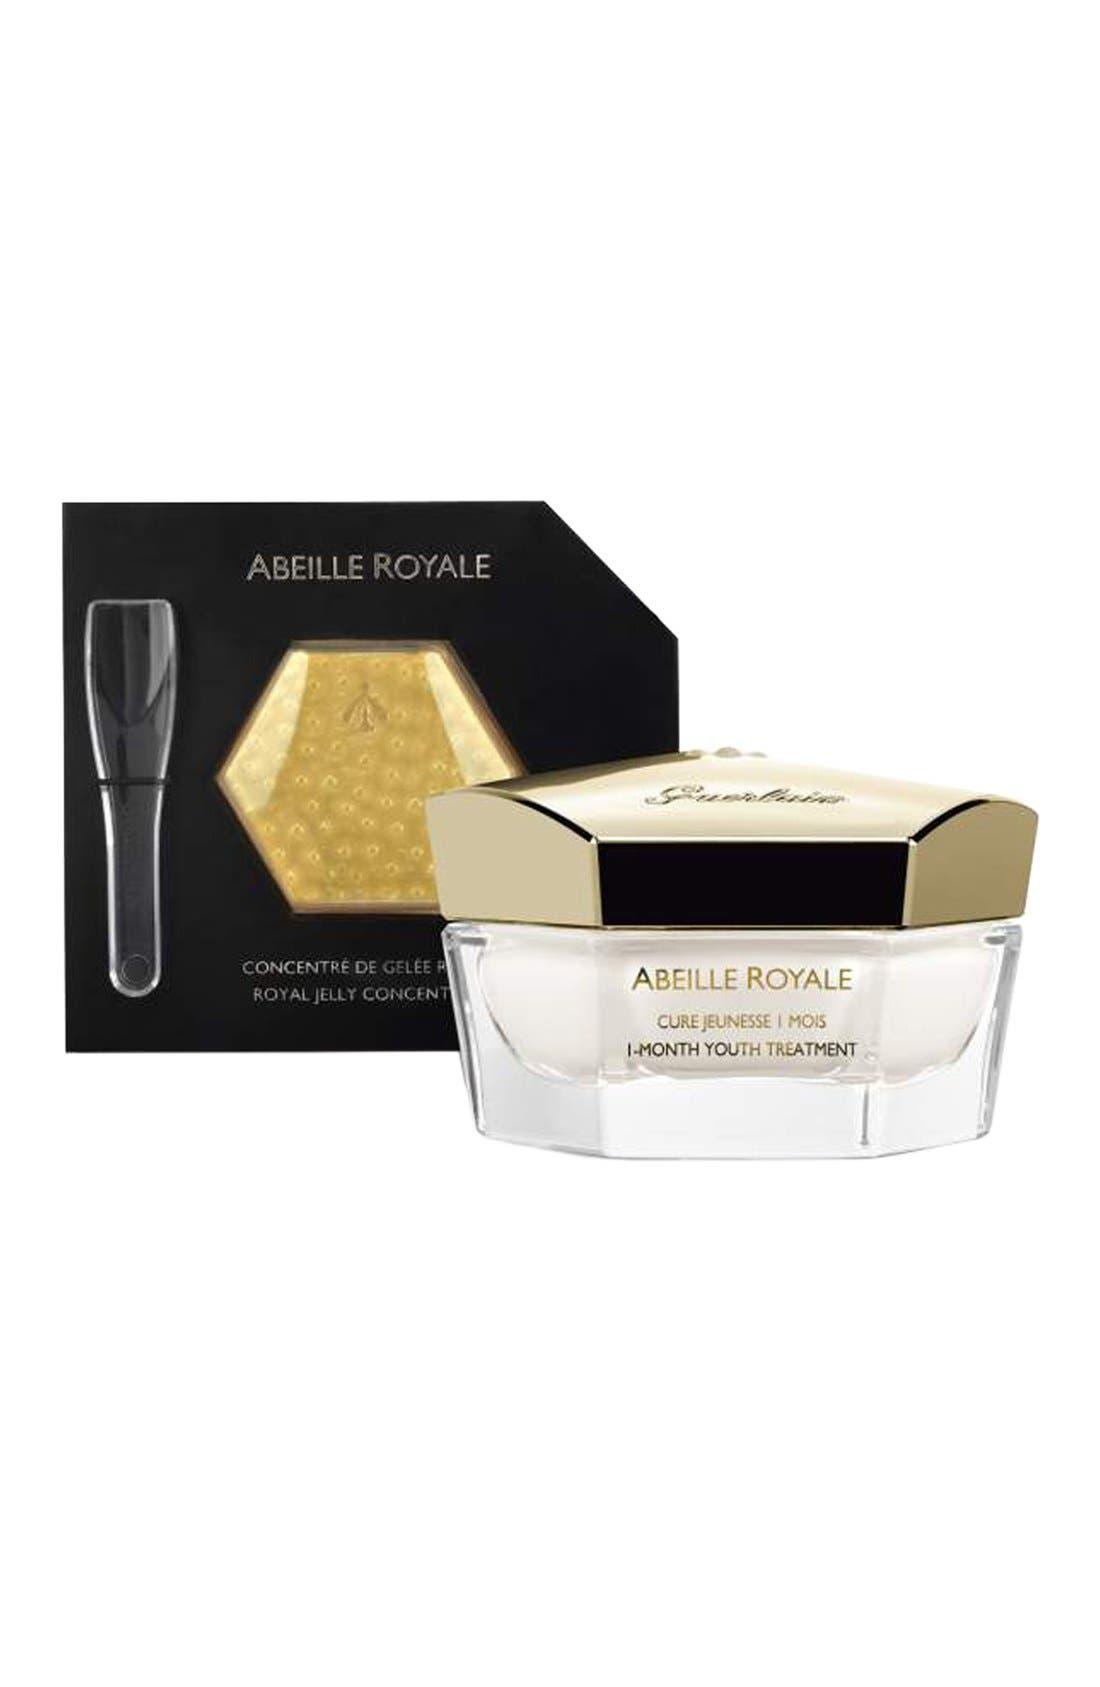 Guerlain 'Abeille Royale' Treatment